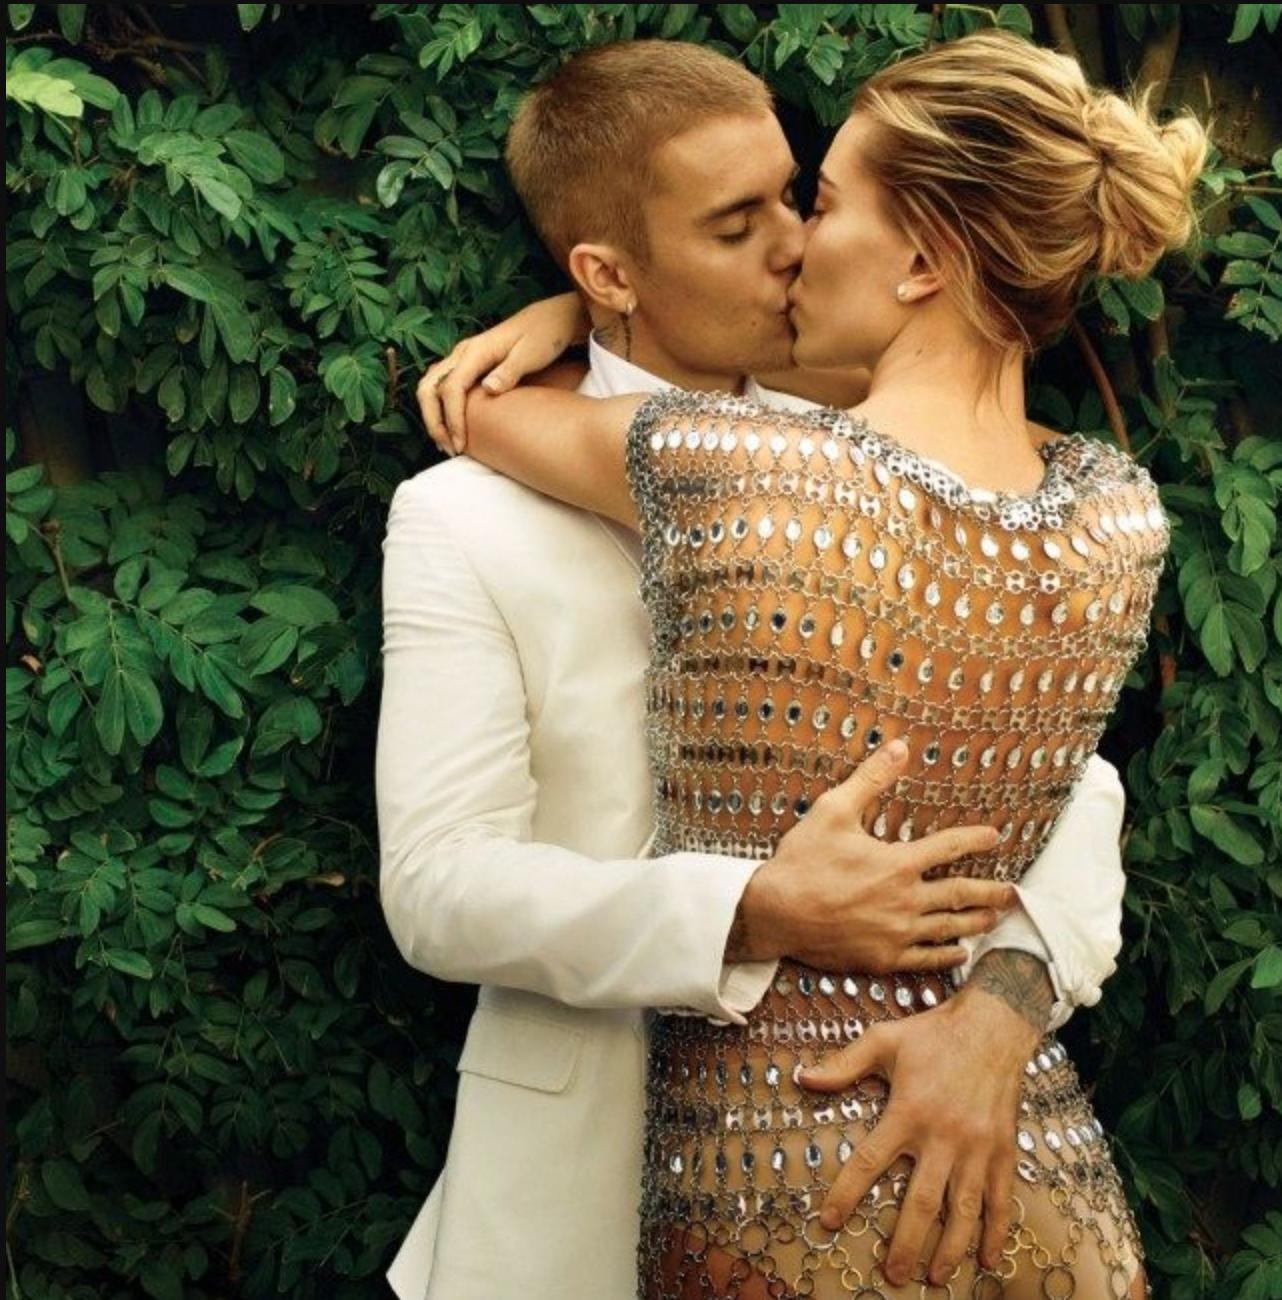 Justin y Hailey confesaron que hacen terapia de pareja (Vogue/ Annie Leibovitz)